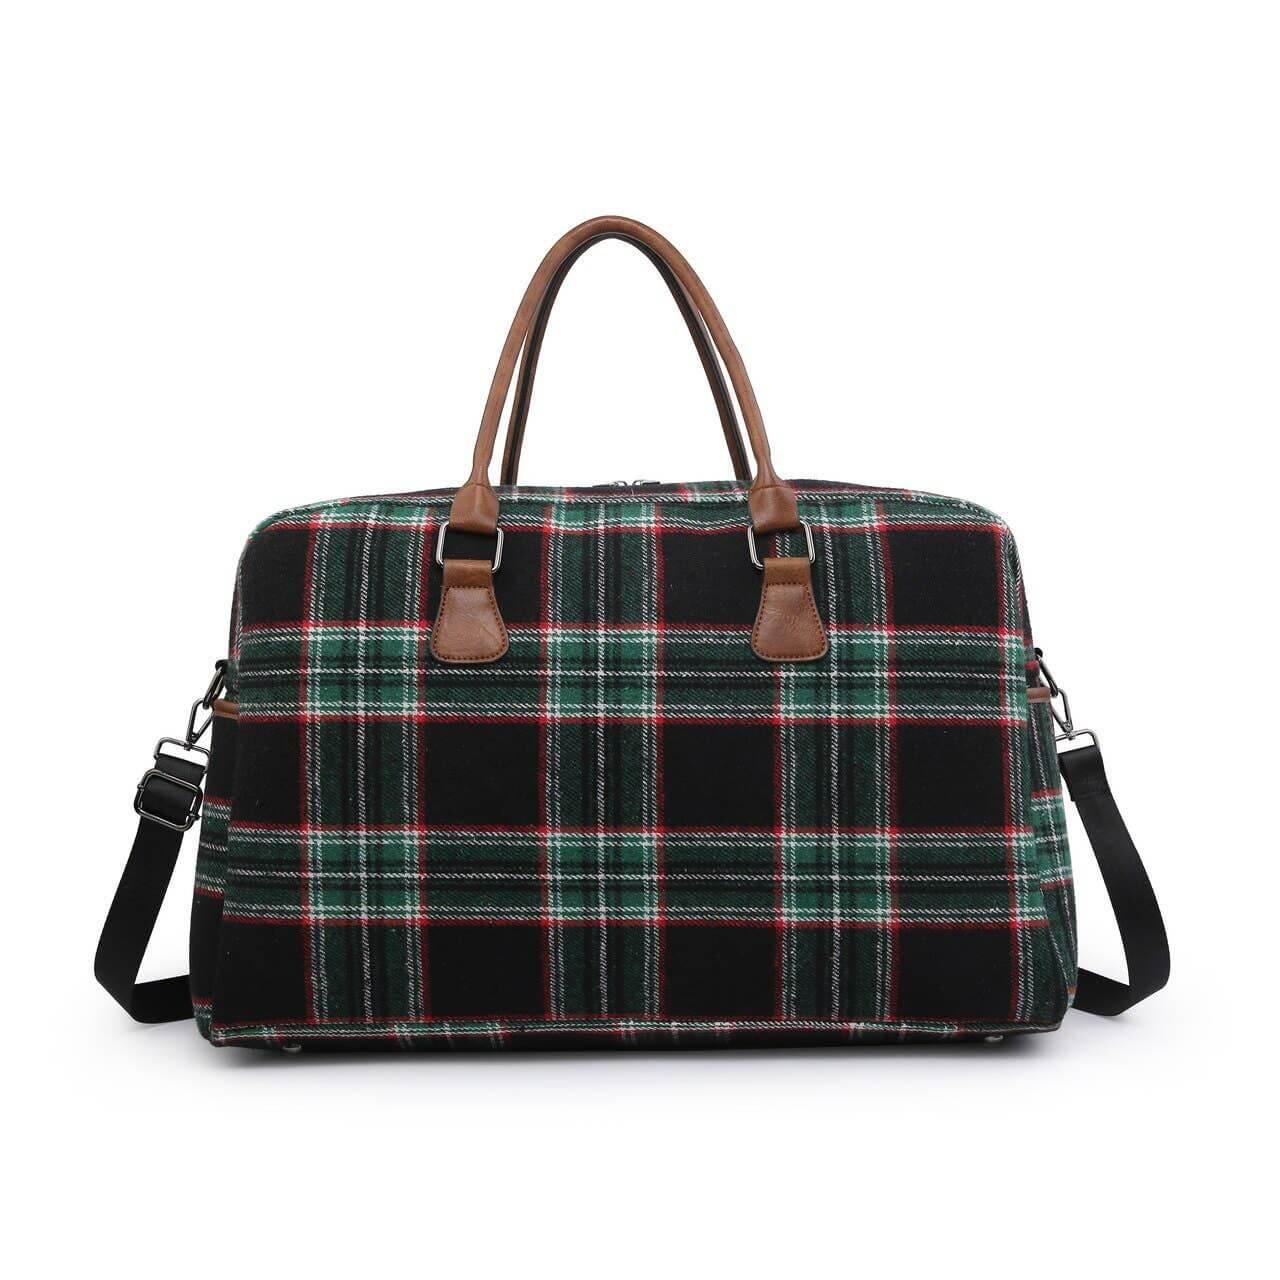 black and green plaid weekender bag